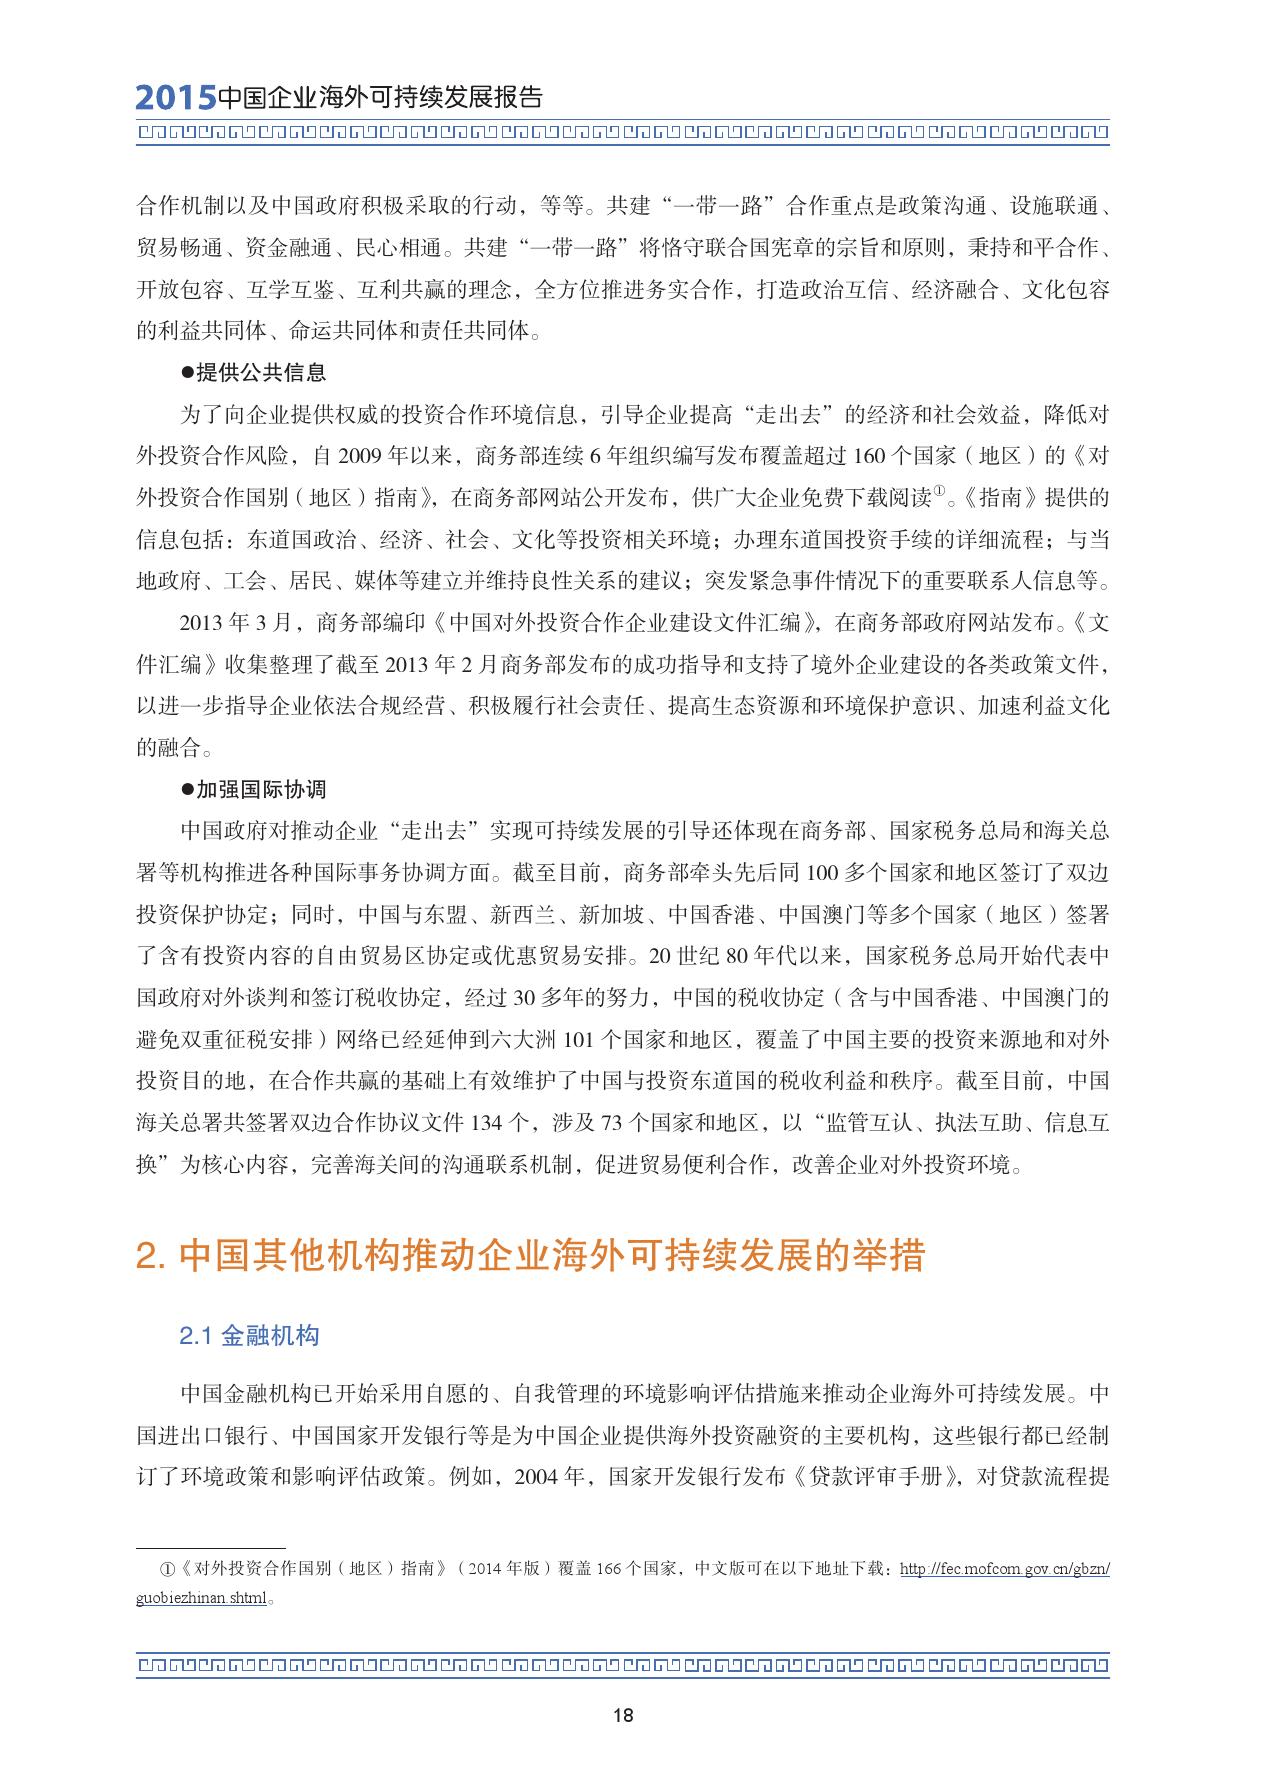 2015中国企业海外可持续发展报告_000032